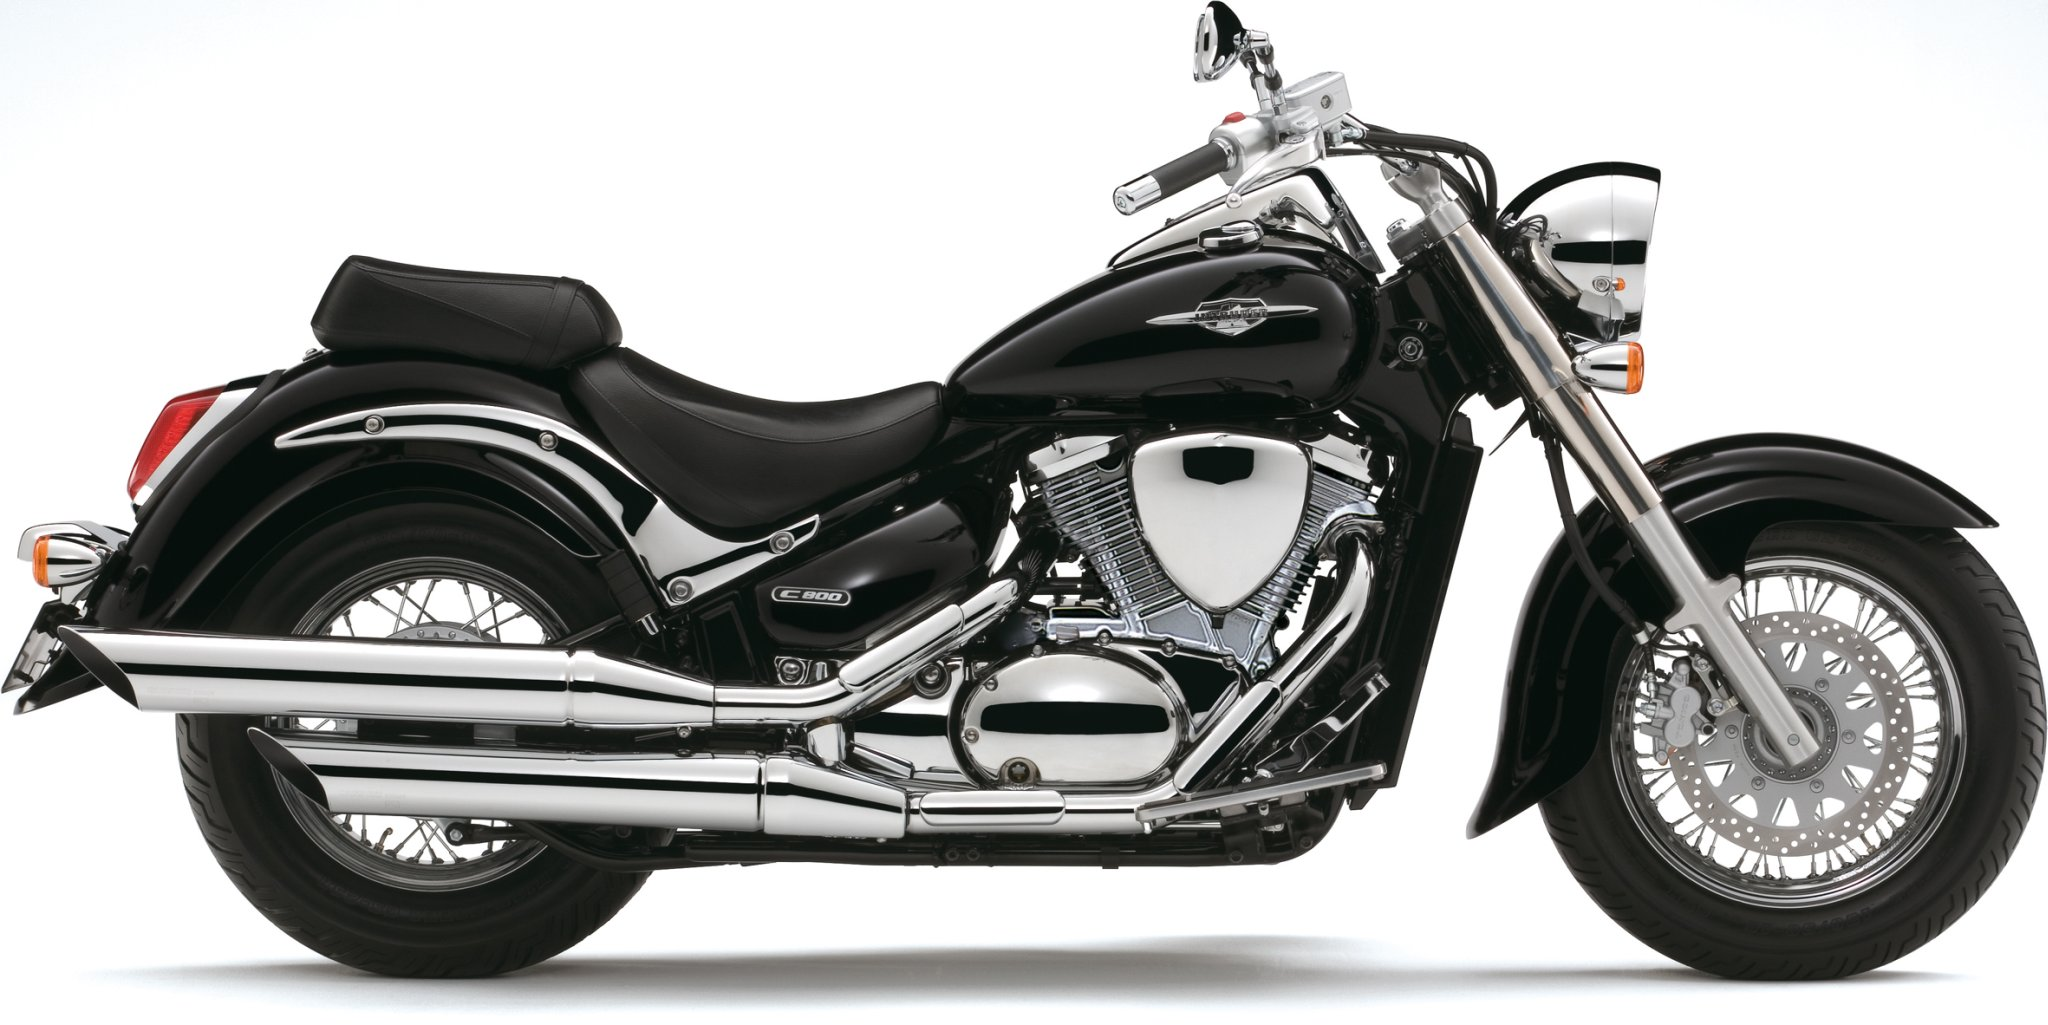 motorrad occasion suzuki intruder c800 kaufen. Black Bedroom Furniture Sets. Home Design Ideas